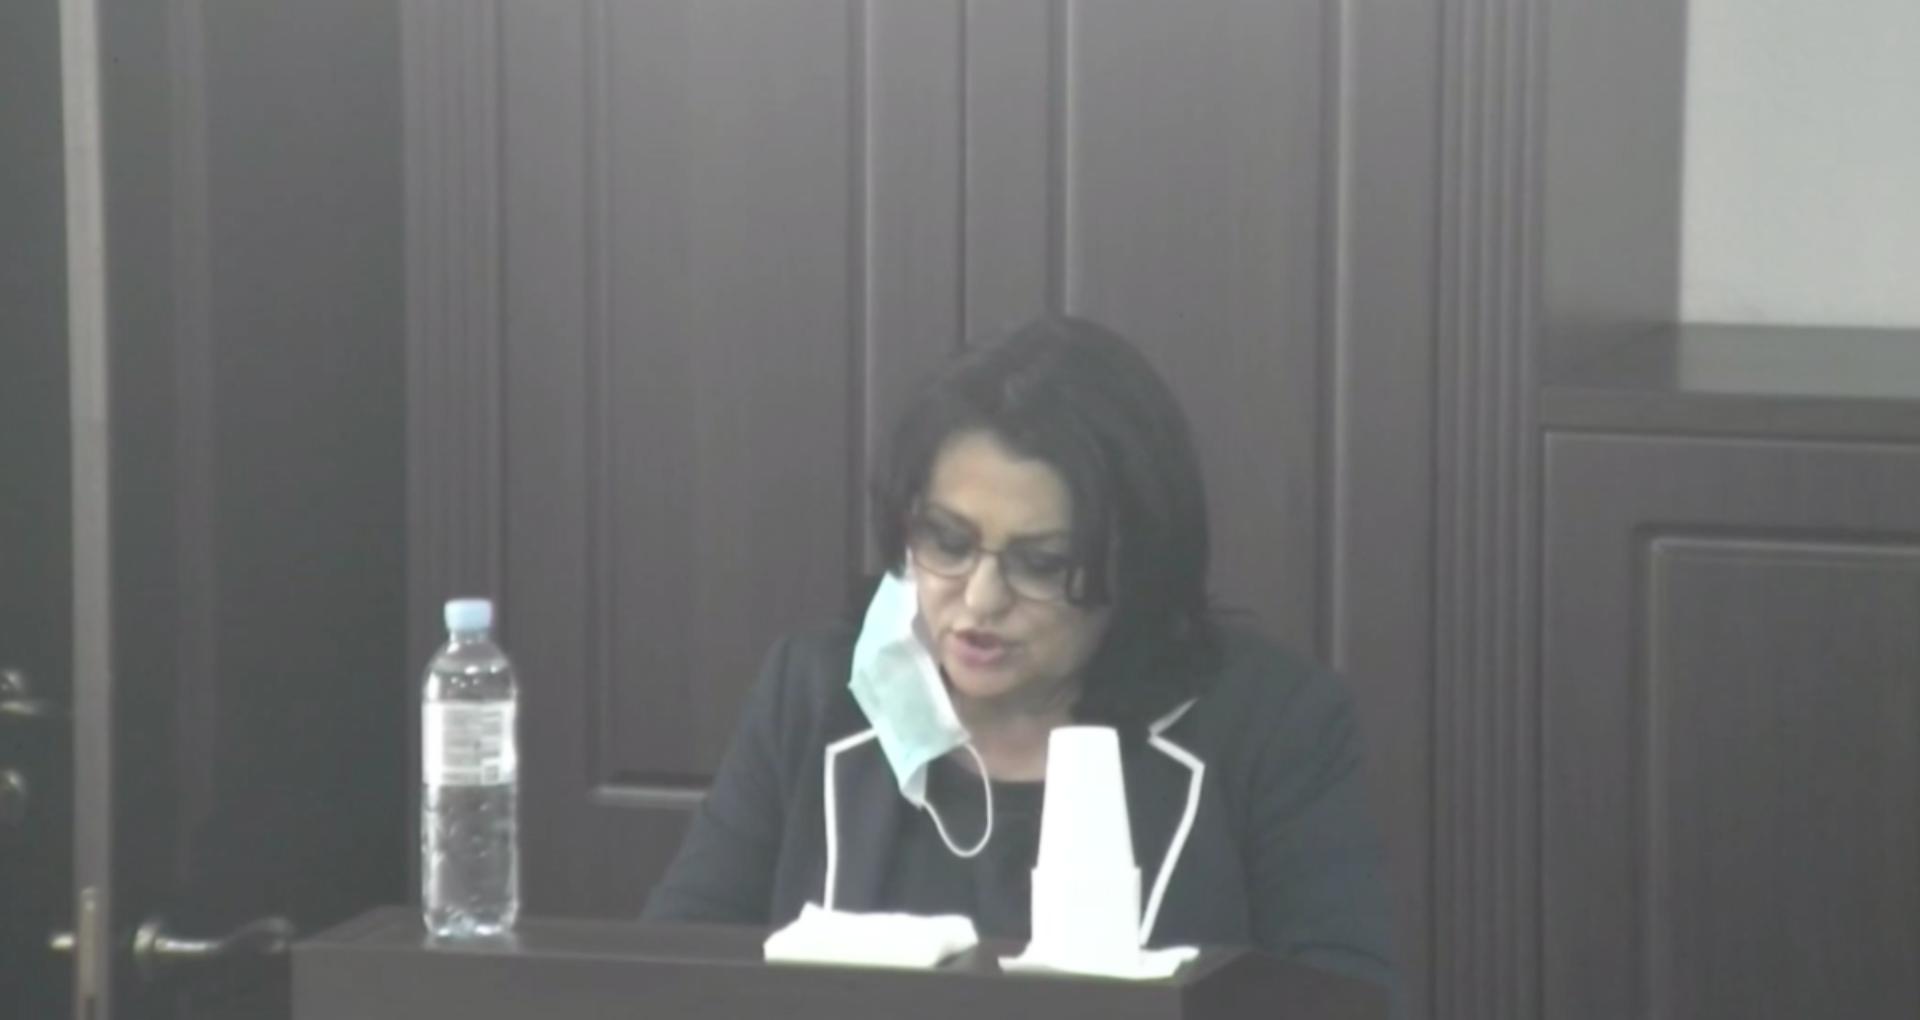 """Tamara Chișca-Doneva, care a făcut parte din completul de judecători ce a luat decizia finală în cazul """"Gemenii"""" și a dus la obligarea statului de către CtEDO să achite prejudicii de până la 3,6 mln. de euro, înaintată la funcția de vicepreședinte al CSJ"""